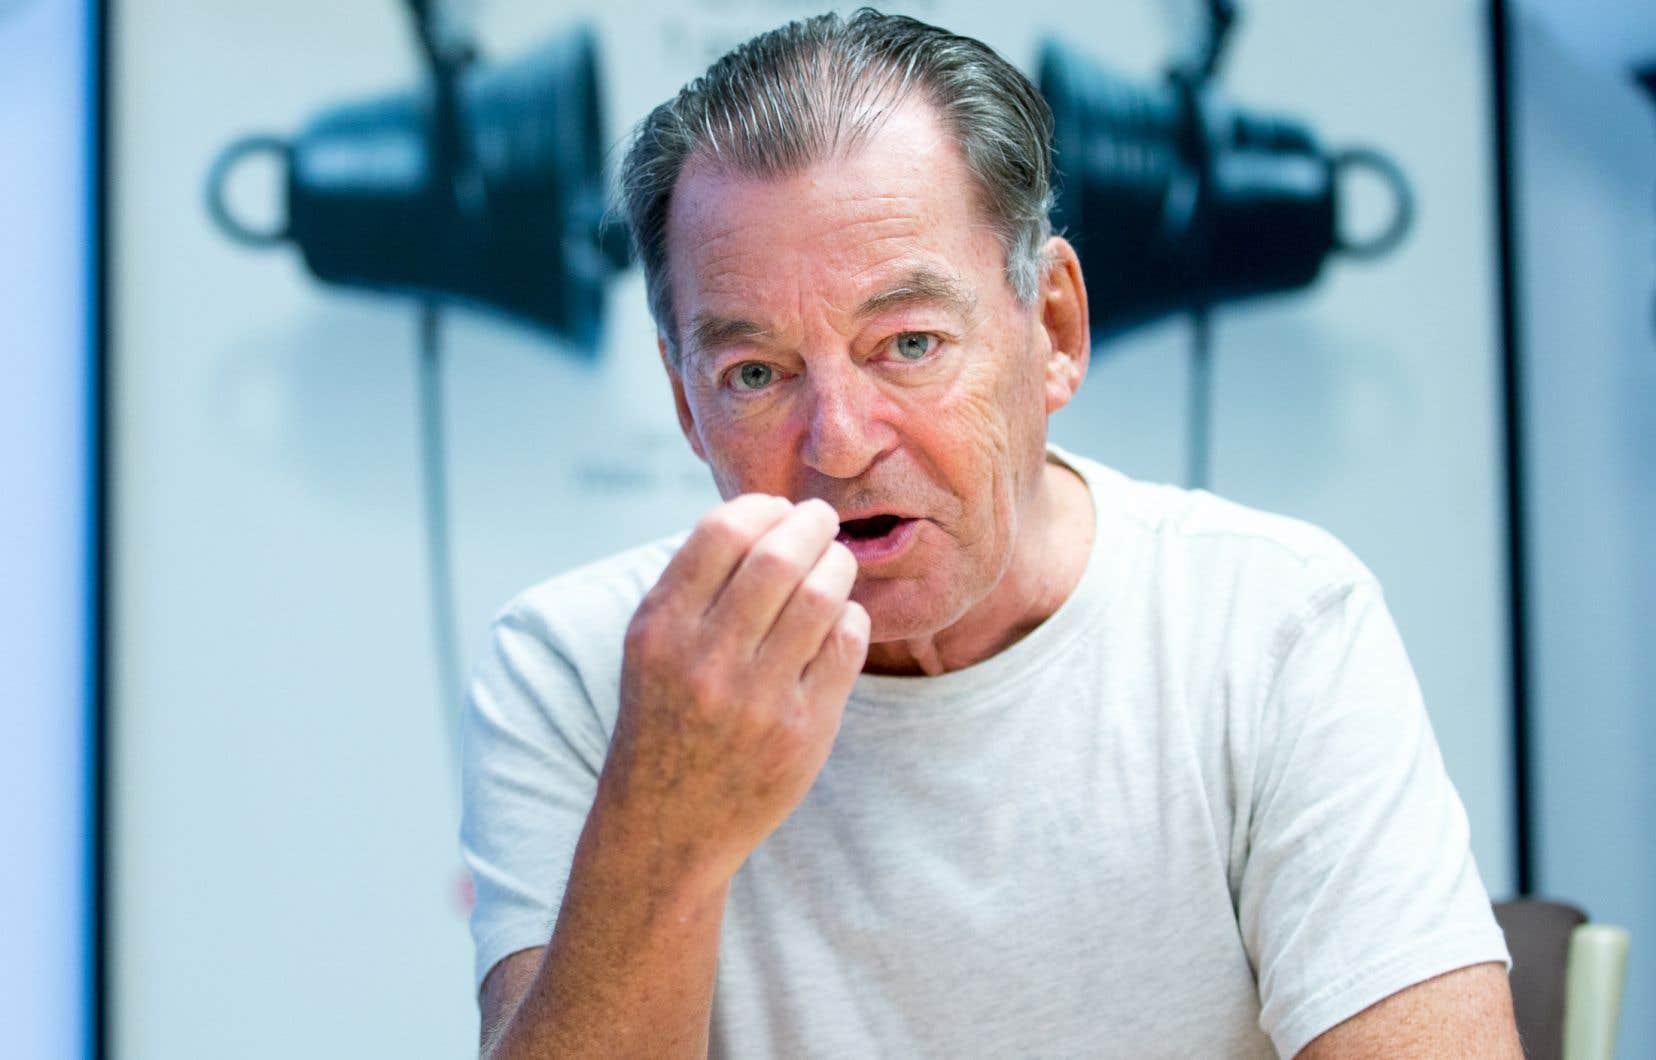 Walter Boudreau, qui part avec «une certaine nostalgie» et la fierté de battre «en longévité à plates coutures tous les directeurs artistiques», ne sera pas impliqué dans la sélection de son successeur.